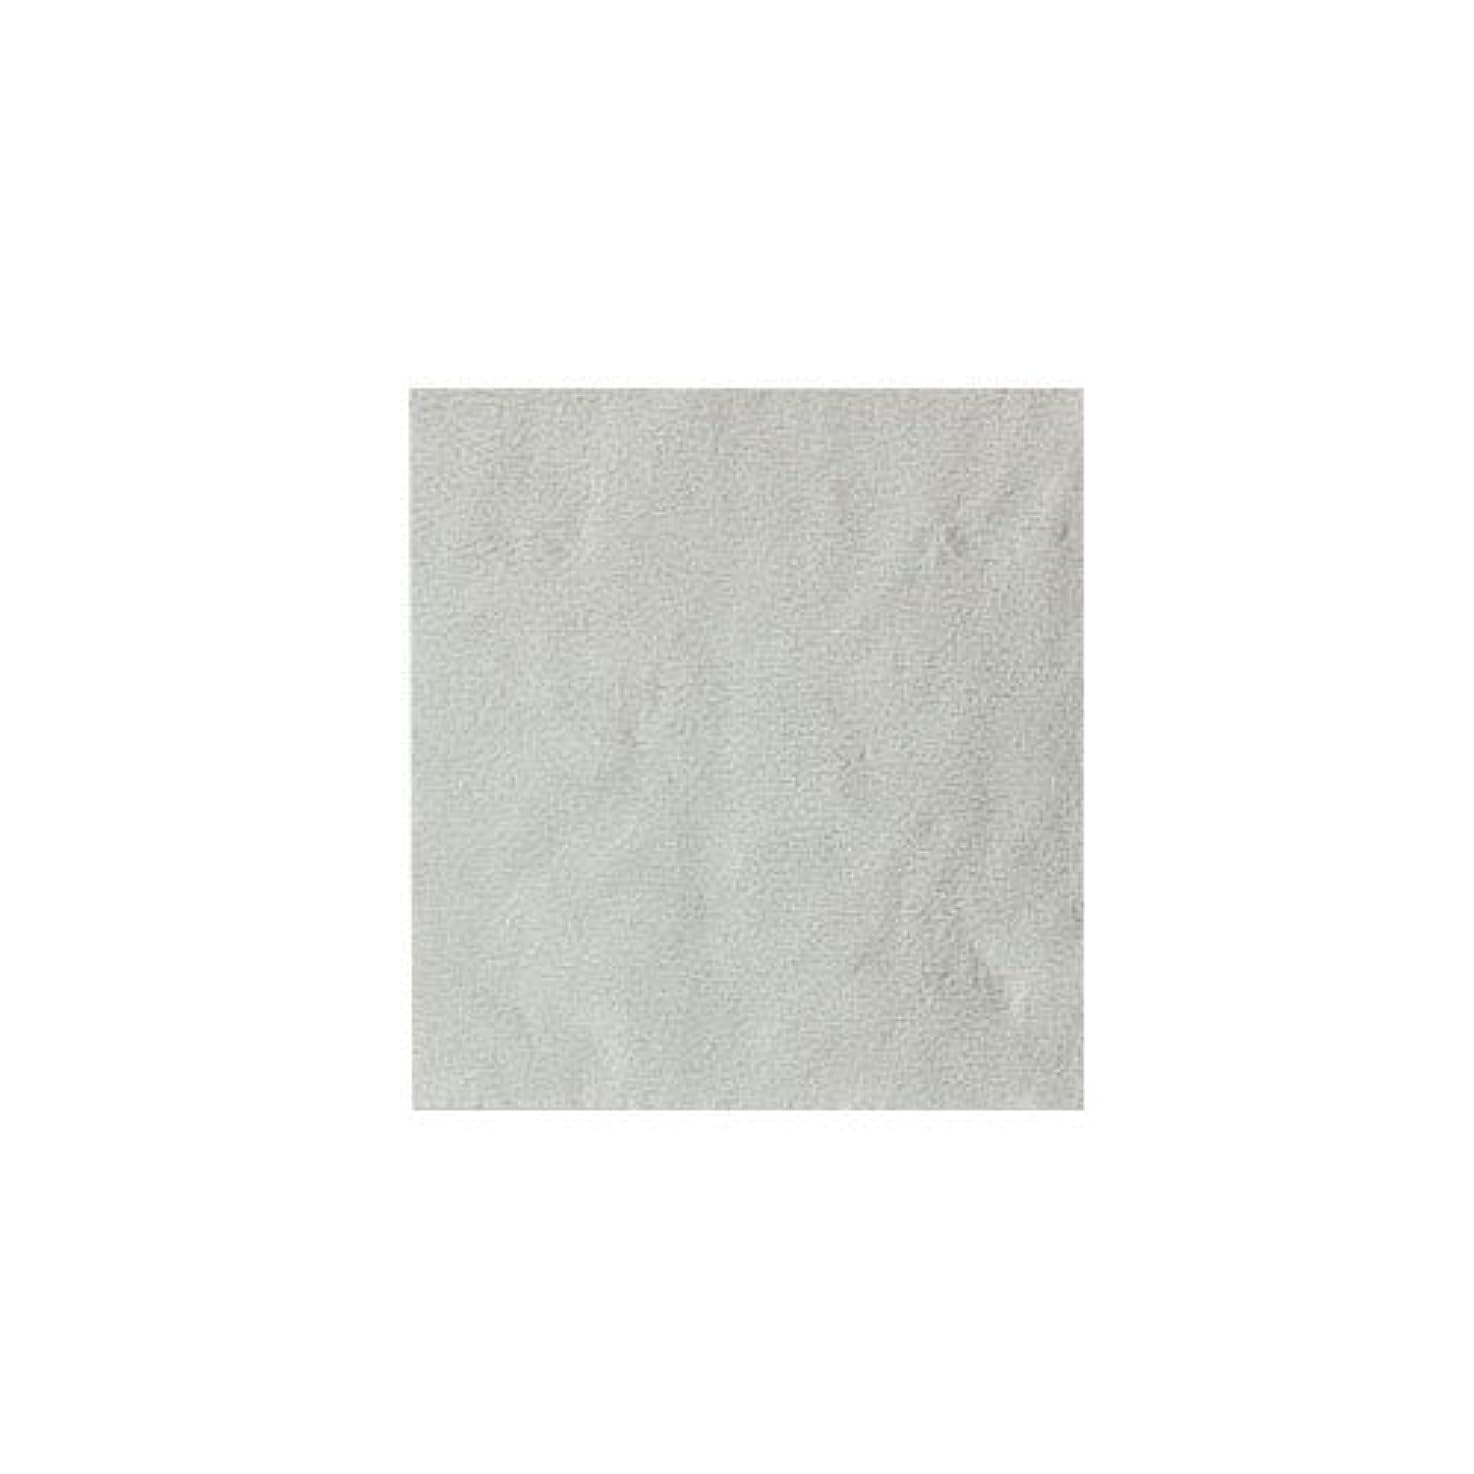 集める恩赦スポンサーピカエース ネイル用パウダー パステル銀箔 #640 パステルホワイト 3.5㎜角×5枚